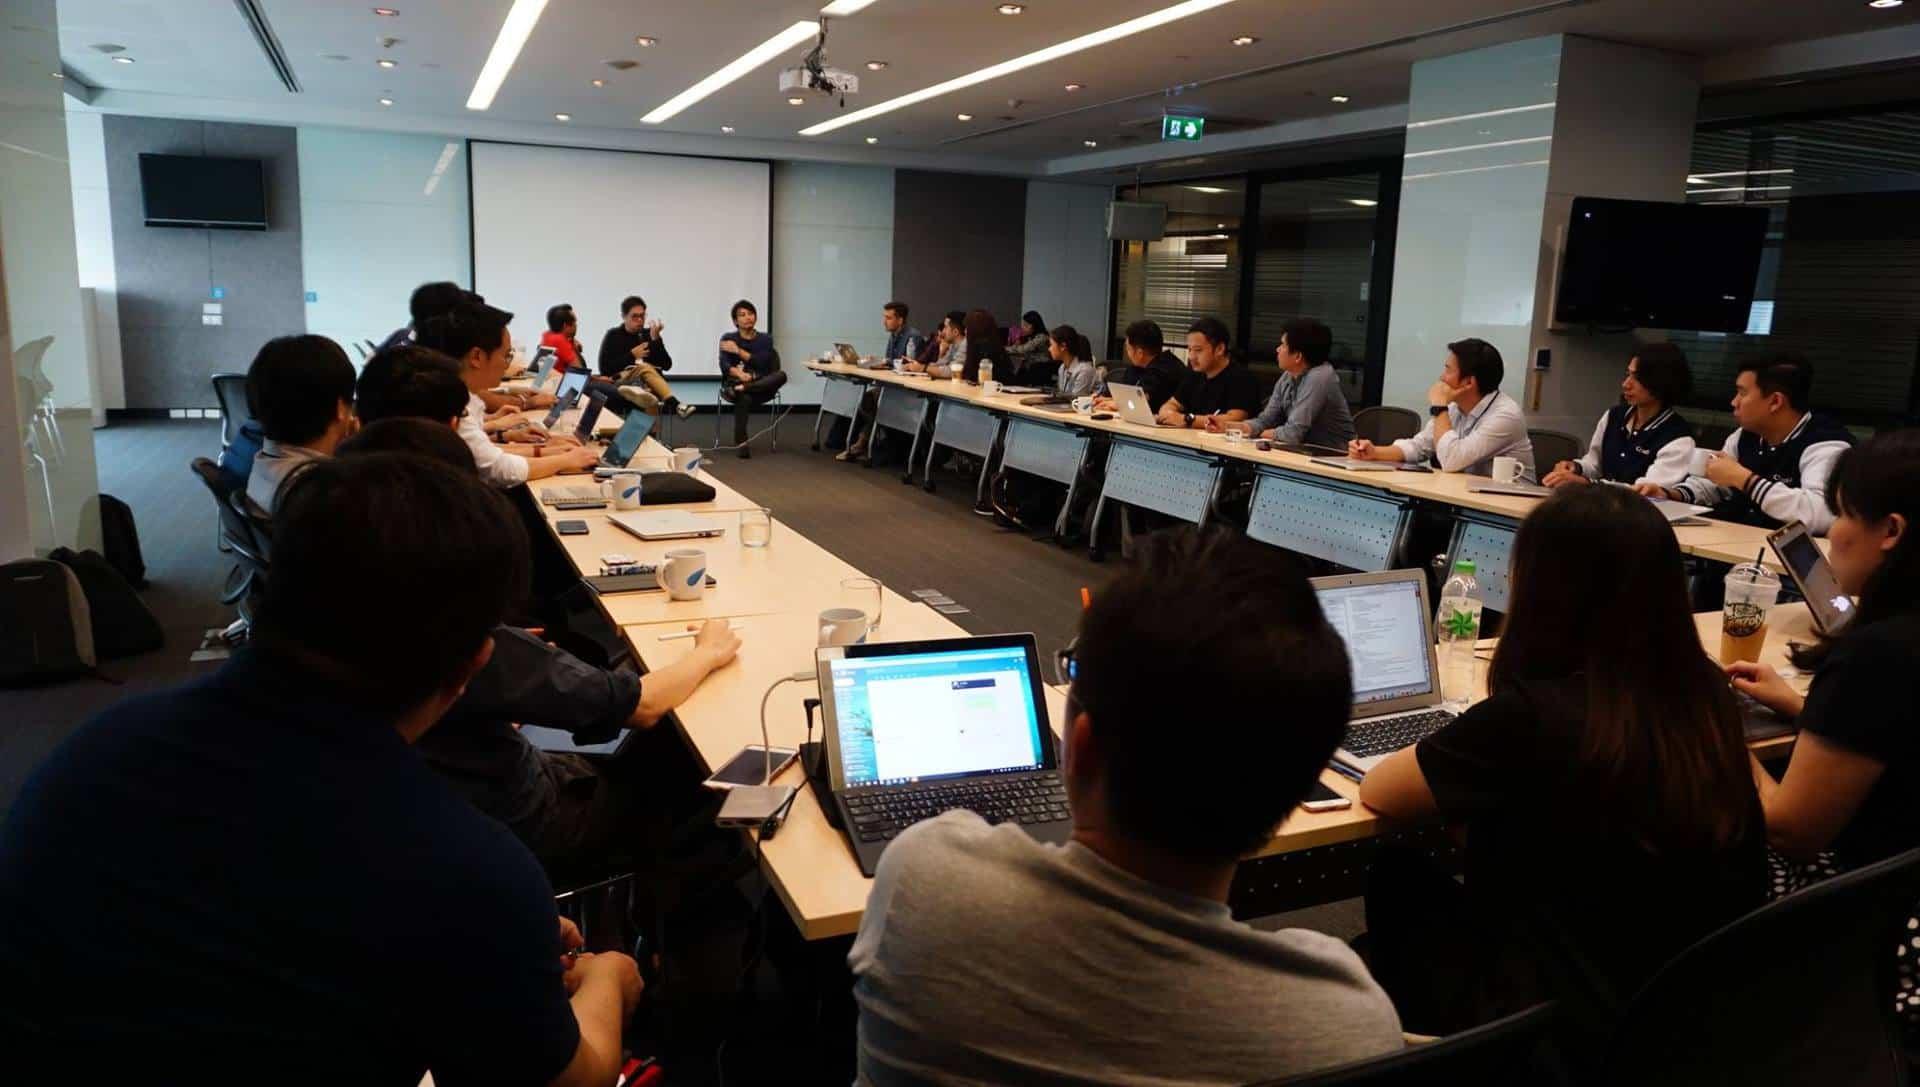 VC ชี้สตาร์ตอัพไทย 99% ยังไม่พร้อมโต ต้องปรับแนวคิดในการขยายธุรกิจในระดับโลก ตั้งแต่วันแรก ถ้าไปต่อไม่ได้ต้องตัดใจ หรือหยุดทำ แล้วไปคิดไอเดียธุรกิจใหม่